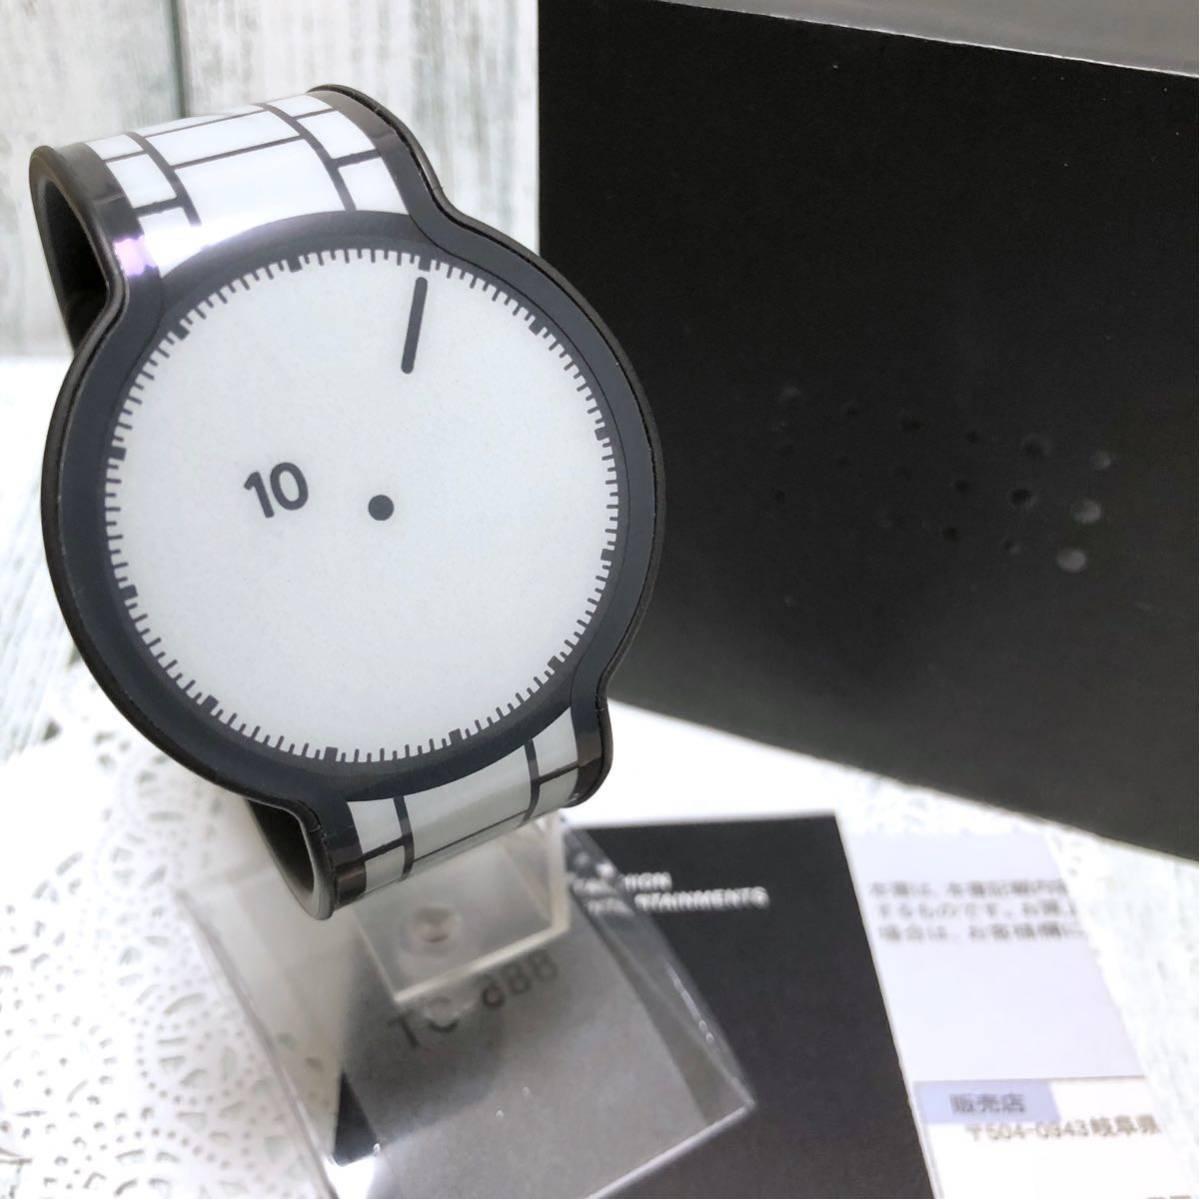 【即決】【美品】SONY ソニー FES Watch フェスウォッチ 腕時計 FES-WM1 ホワイト デジタル 中古拍卖